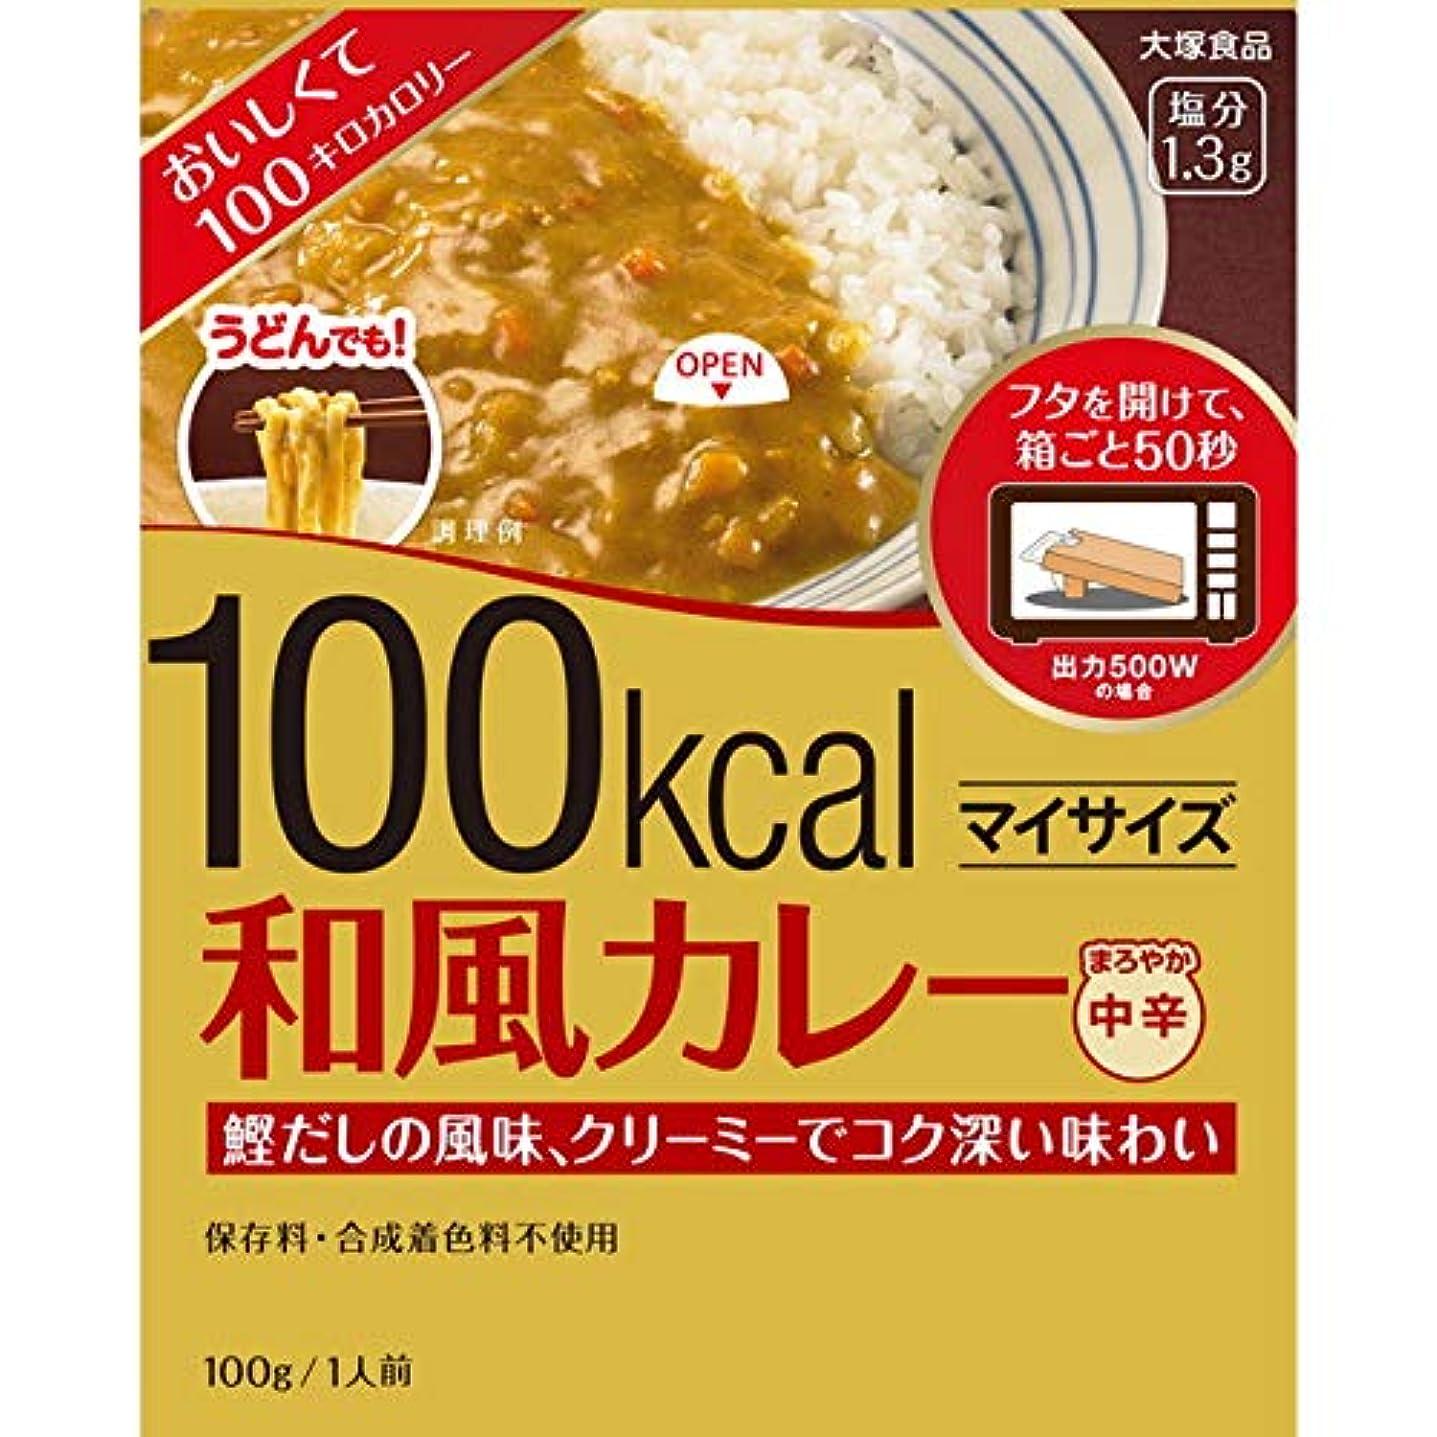 公演転倒を除く大塚 マイサイズ 和風カレー 100g【5個セット】